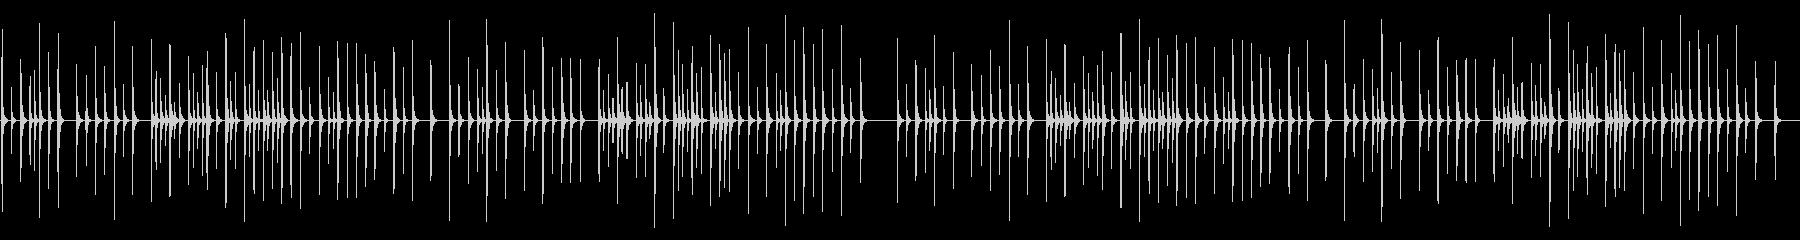 お正月 卓上木琴の未再生の波形